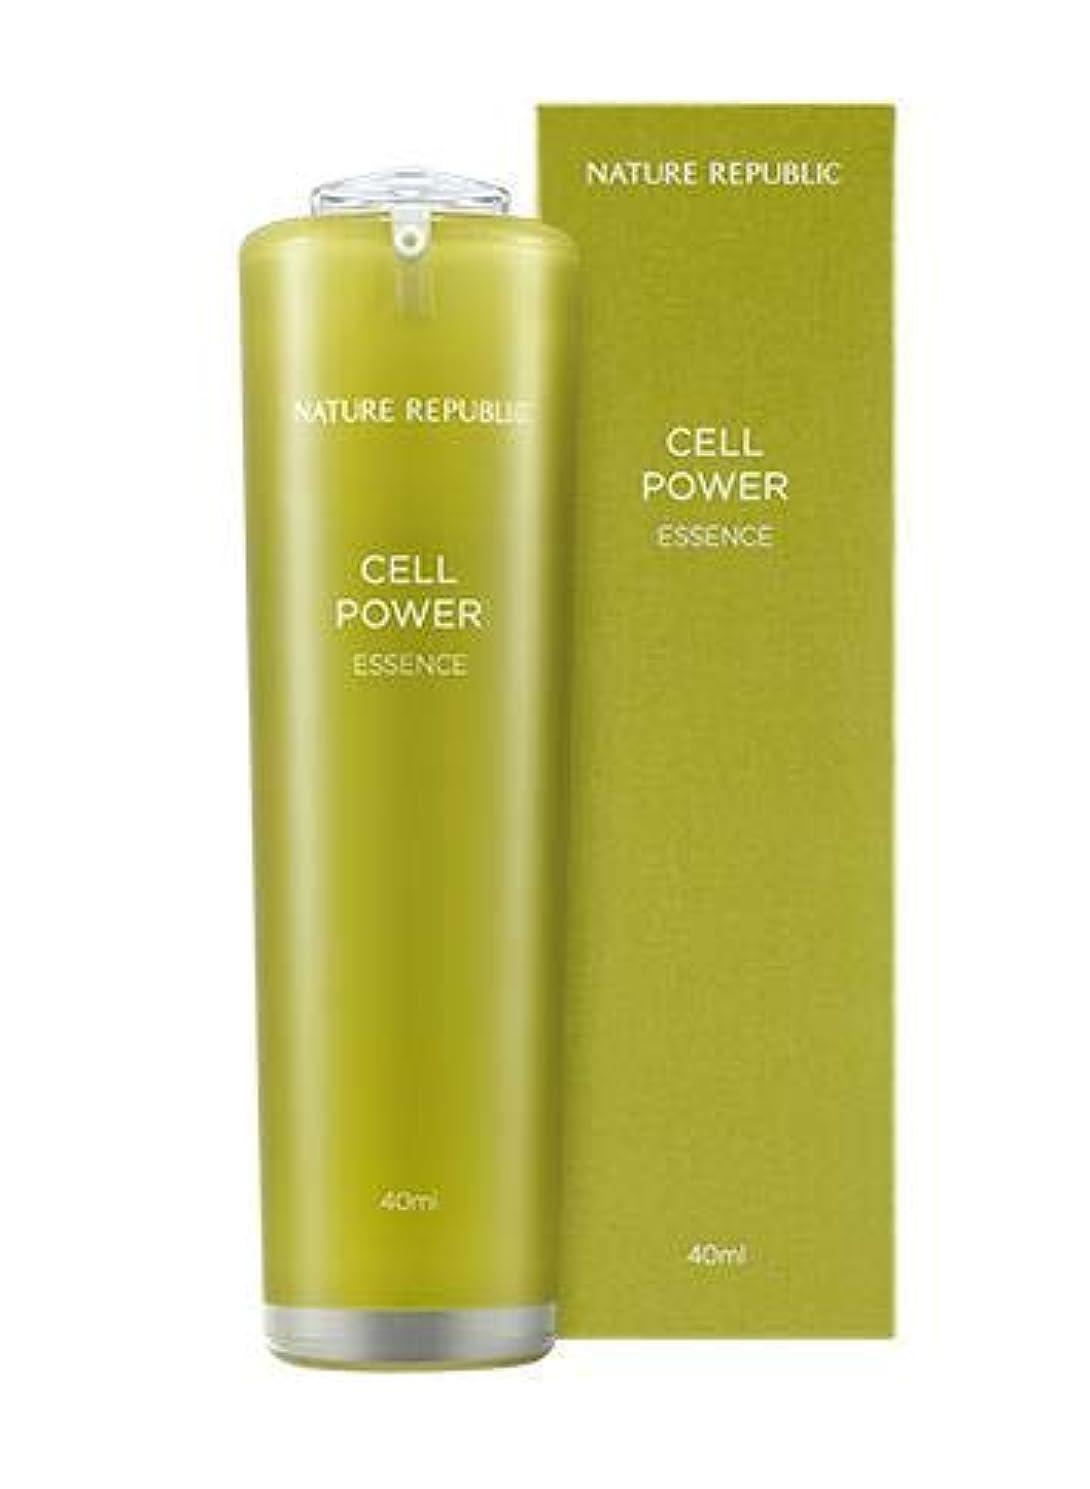 寸前トレイ課税Nature Republic Cell Power Essence ネイチャーリパブリック セルパワー エッセンス [並行輸入品]